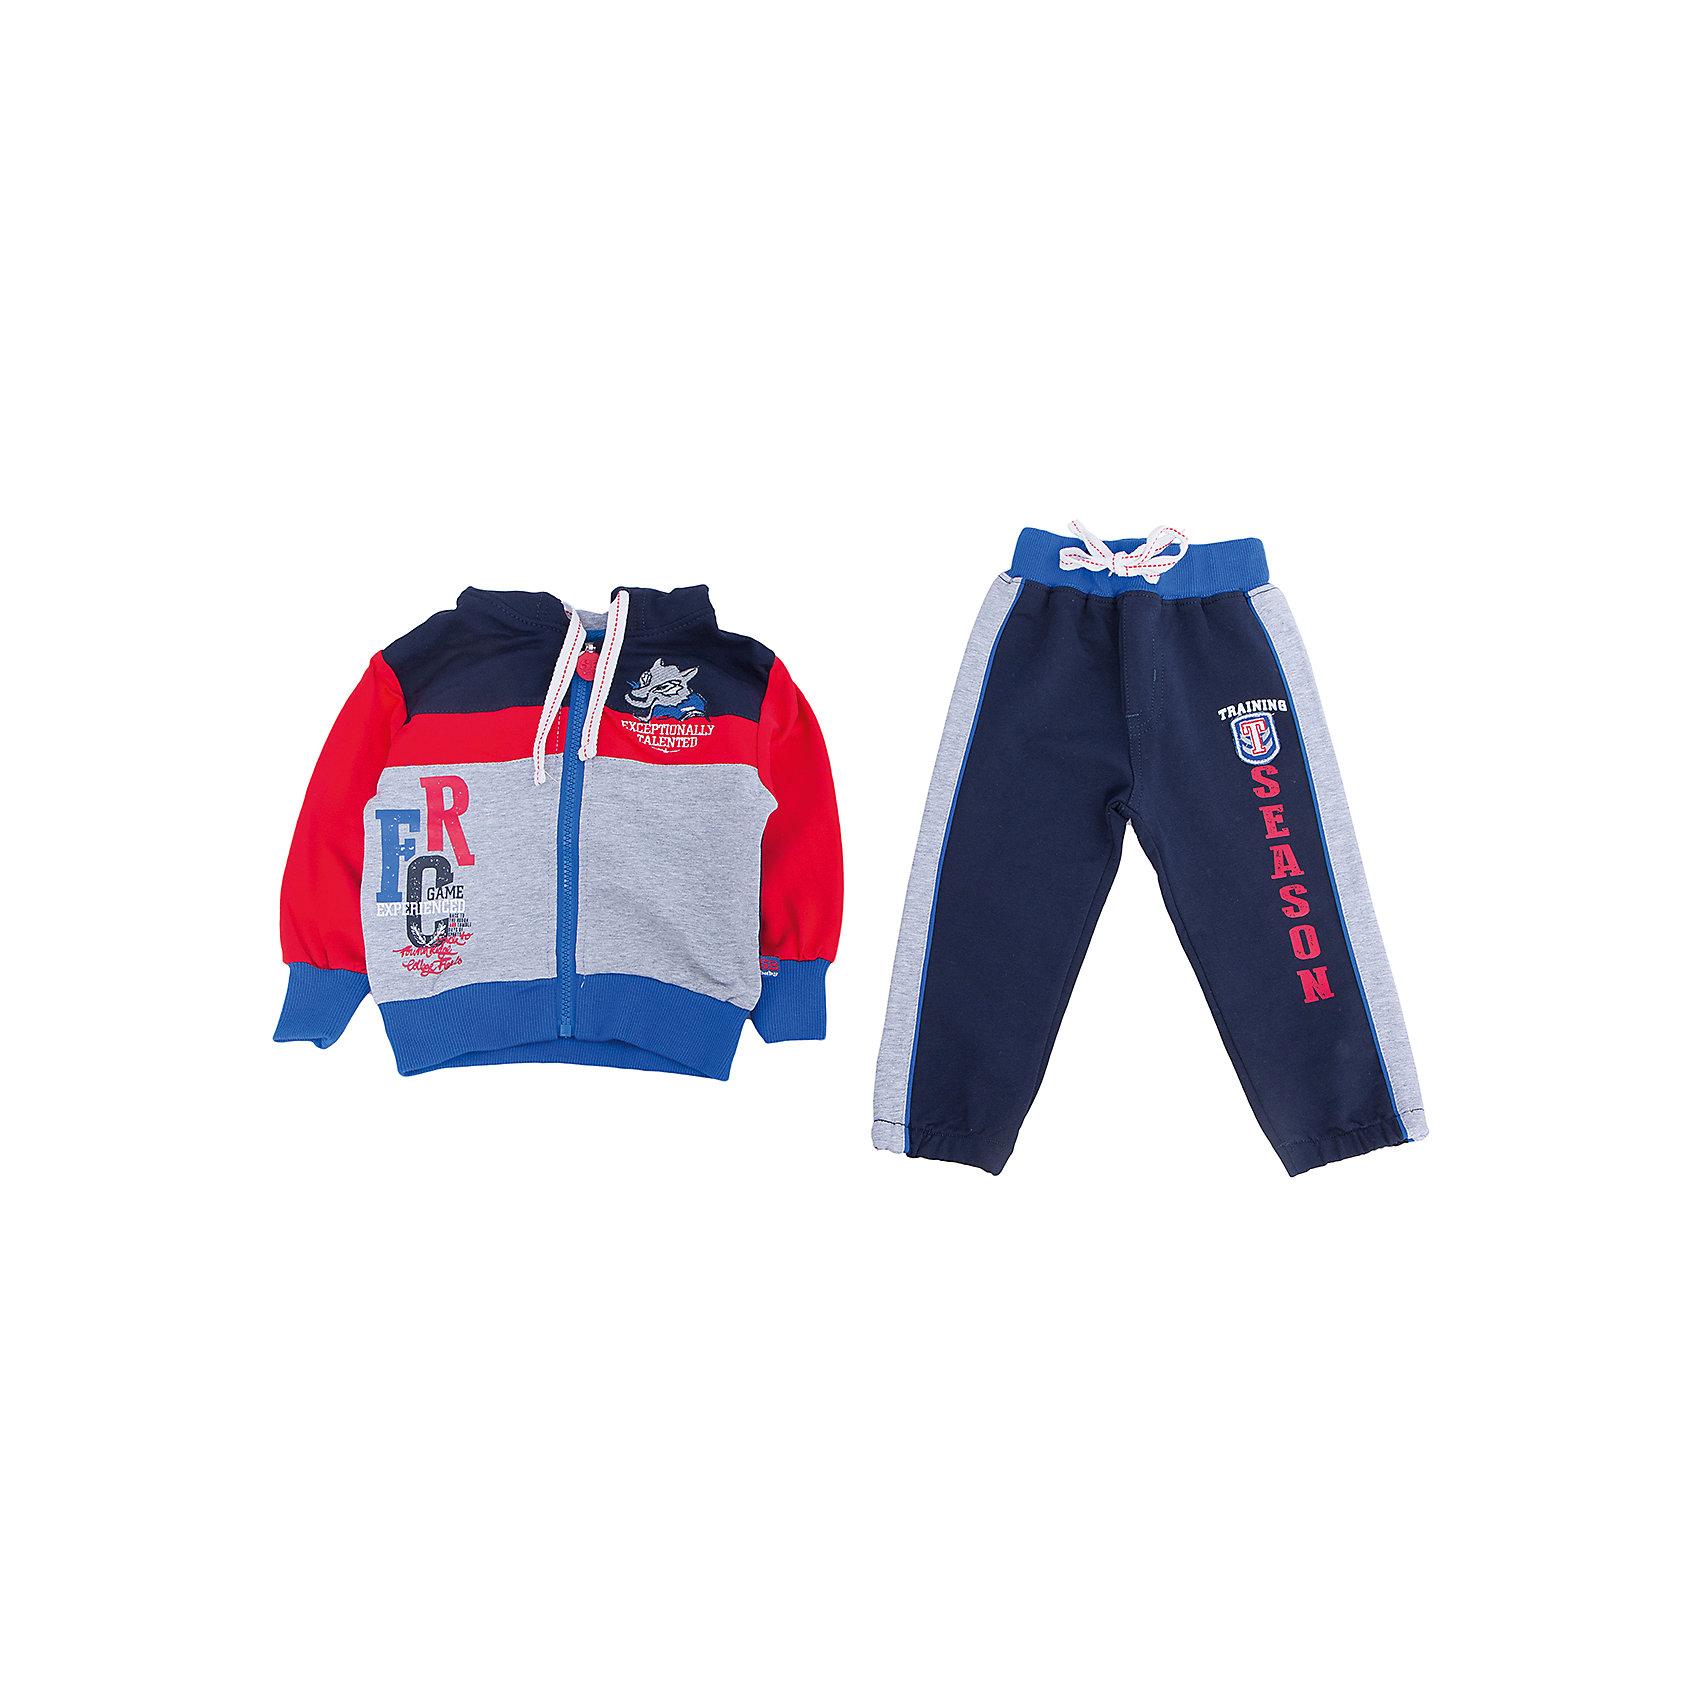 Спортивный костюм для мальчика Sweet BerryКофточки и распашонки<br>Спортивный костюм для мальчиков. Толстовка комбинирована из разных цветов. Украшена шевроном и принтом. Брюки на поясе с трикотажной резинкой, регулир<br>Состав:<br>95% хлопок 5% эластан<br><br>Ширина мм: 247<br>Глубина мм: 16<br>Высота мм: 140<br>Вес г: 225<br>Цвет: красный/синий<br>Возраст от месяцев: 24<br>Возраст до месяцев: 36<br>Пол: Мужской<br>Возраст: Детский<br>Размер: 98,80,86,92<br>SKU: 4929962